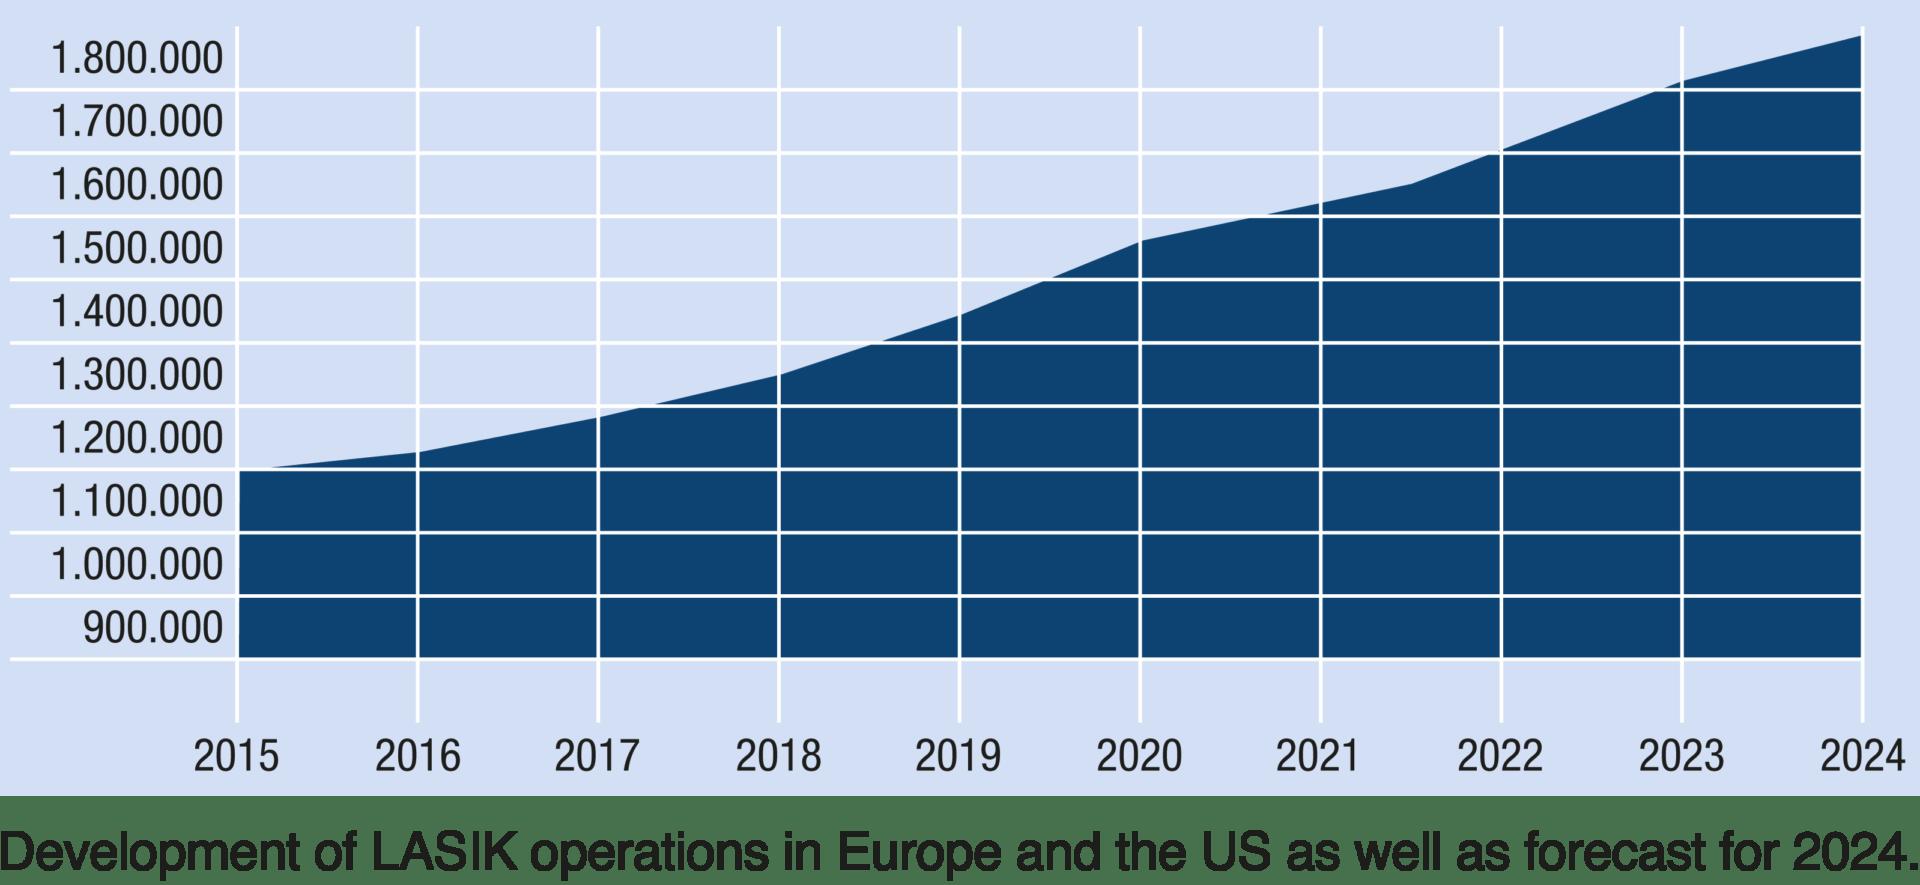 Entwicklung der LASIK-Operationen in Europa und USA sowie Prognose bis 2024.